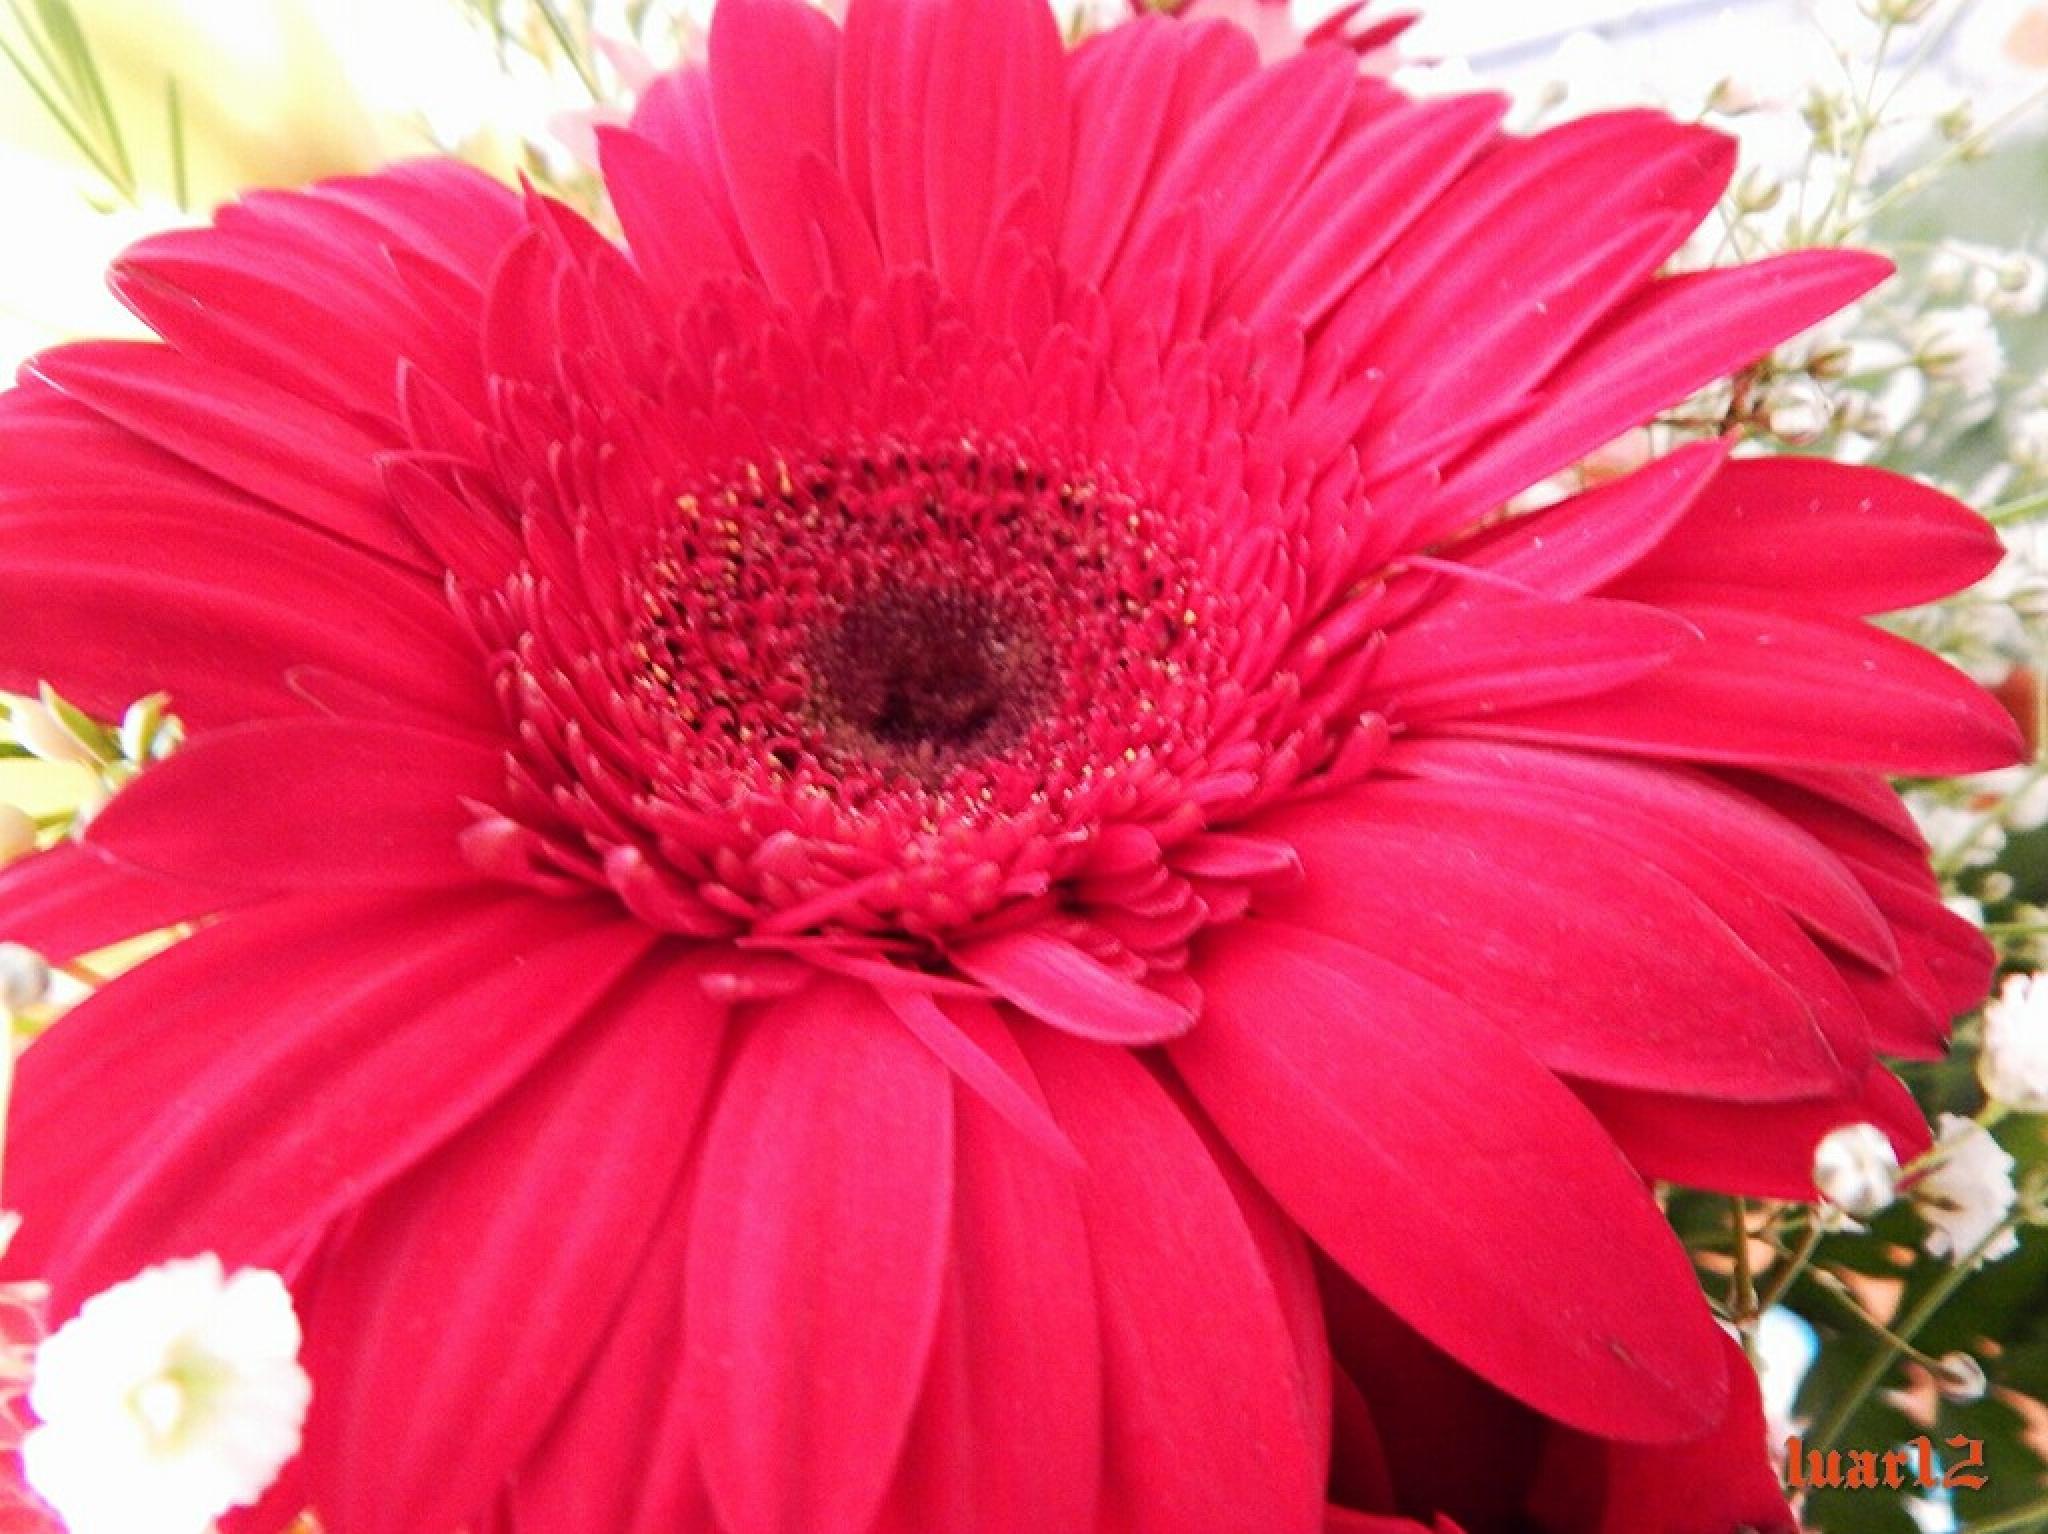 Flor by luar12